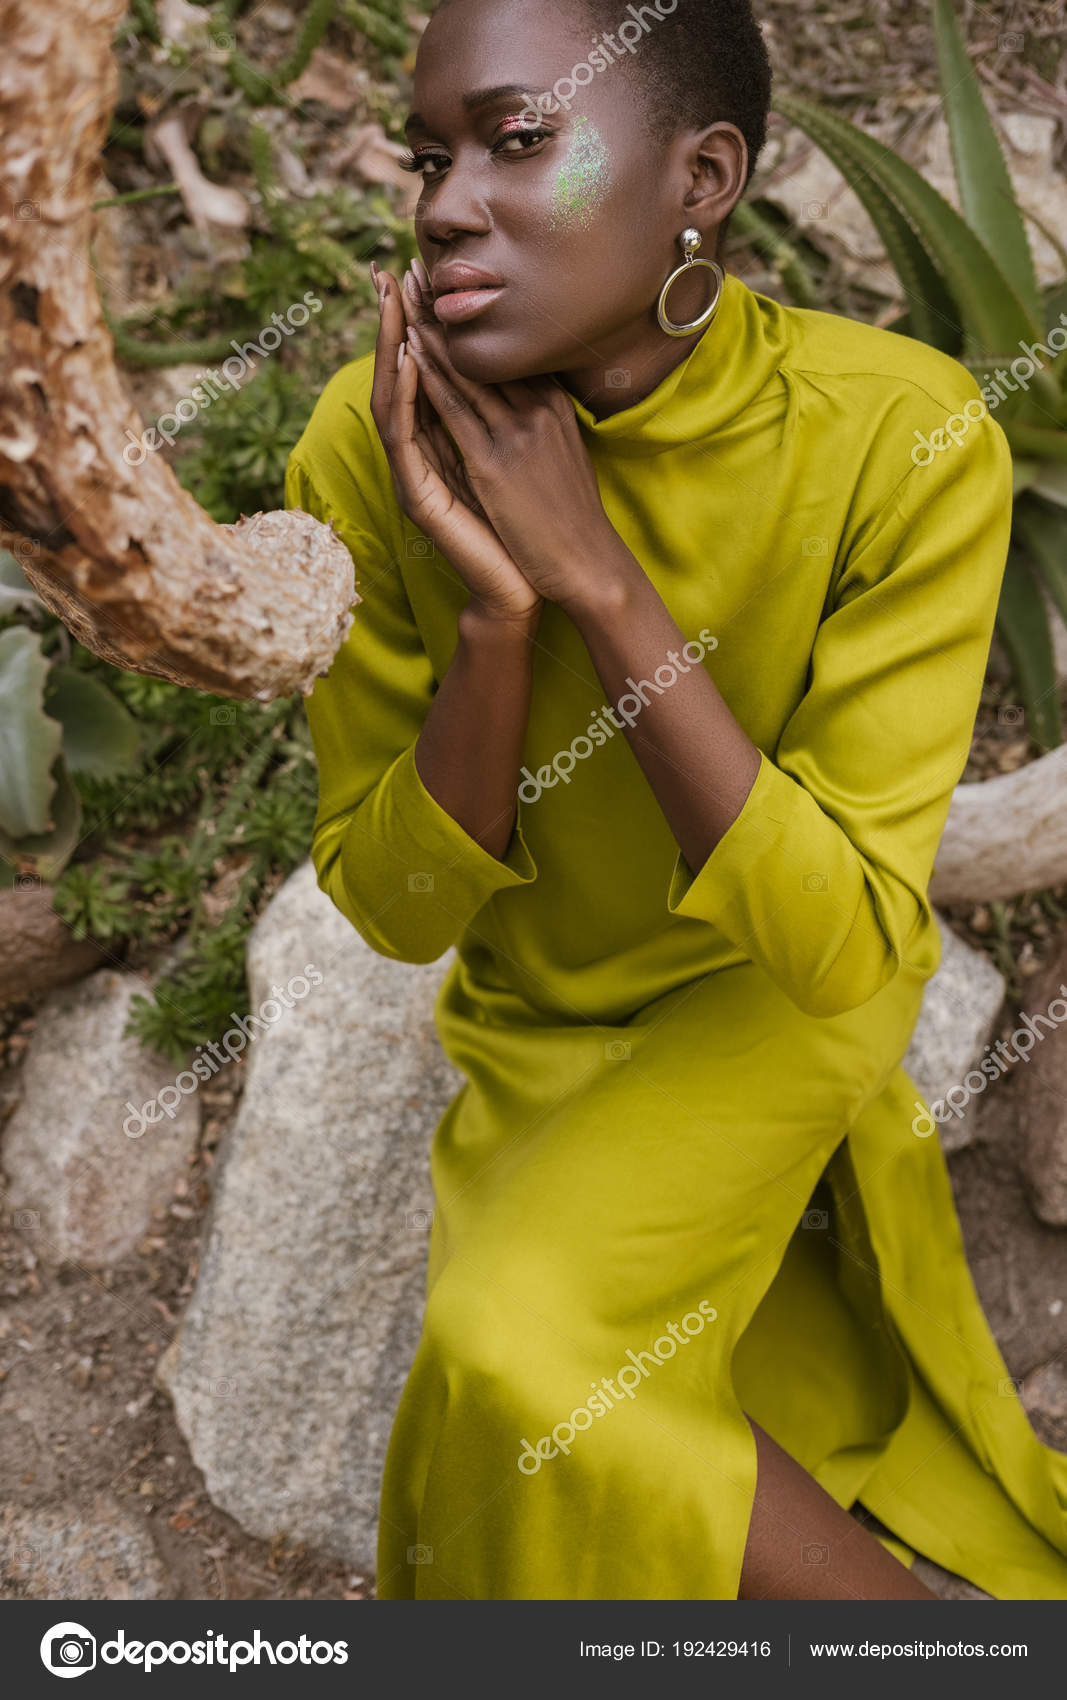 Κατεβάστε αυτή την δωρεάν εικόνα σχετικά με Κέρατα Πεπόνι Αφρικής από την τεράστια βιβλιοθήκη ελεύθερων πνευματικών δικαιωμάτων εικόνων και βίντεο του.